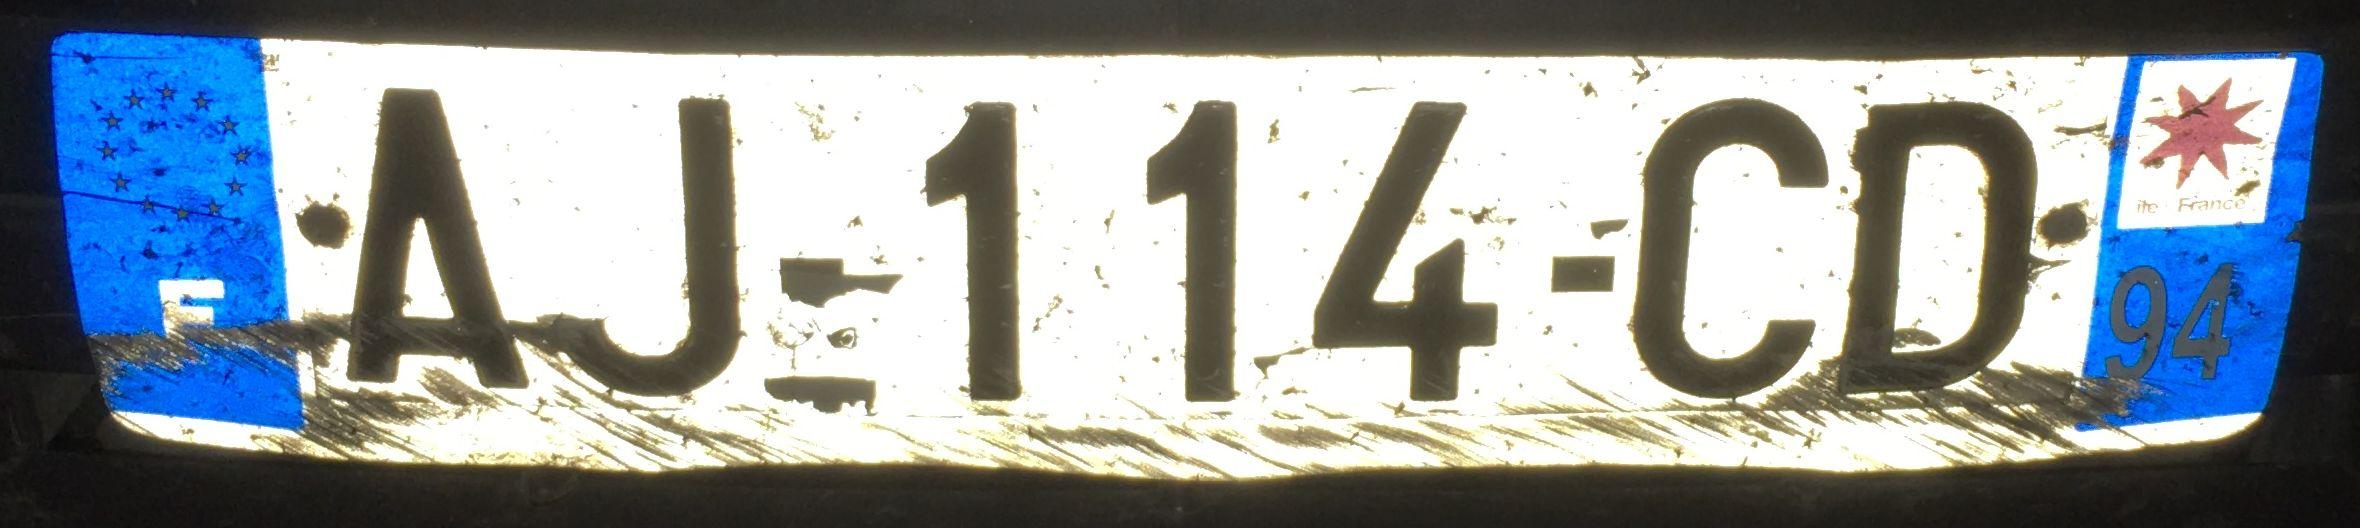 Francouzská registrační značka – 94 – Val-de-Marne, foto: www.podalnici.cz